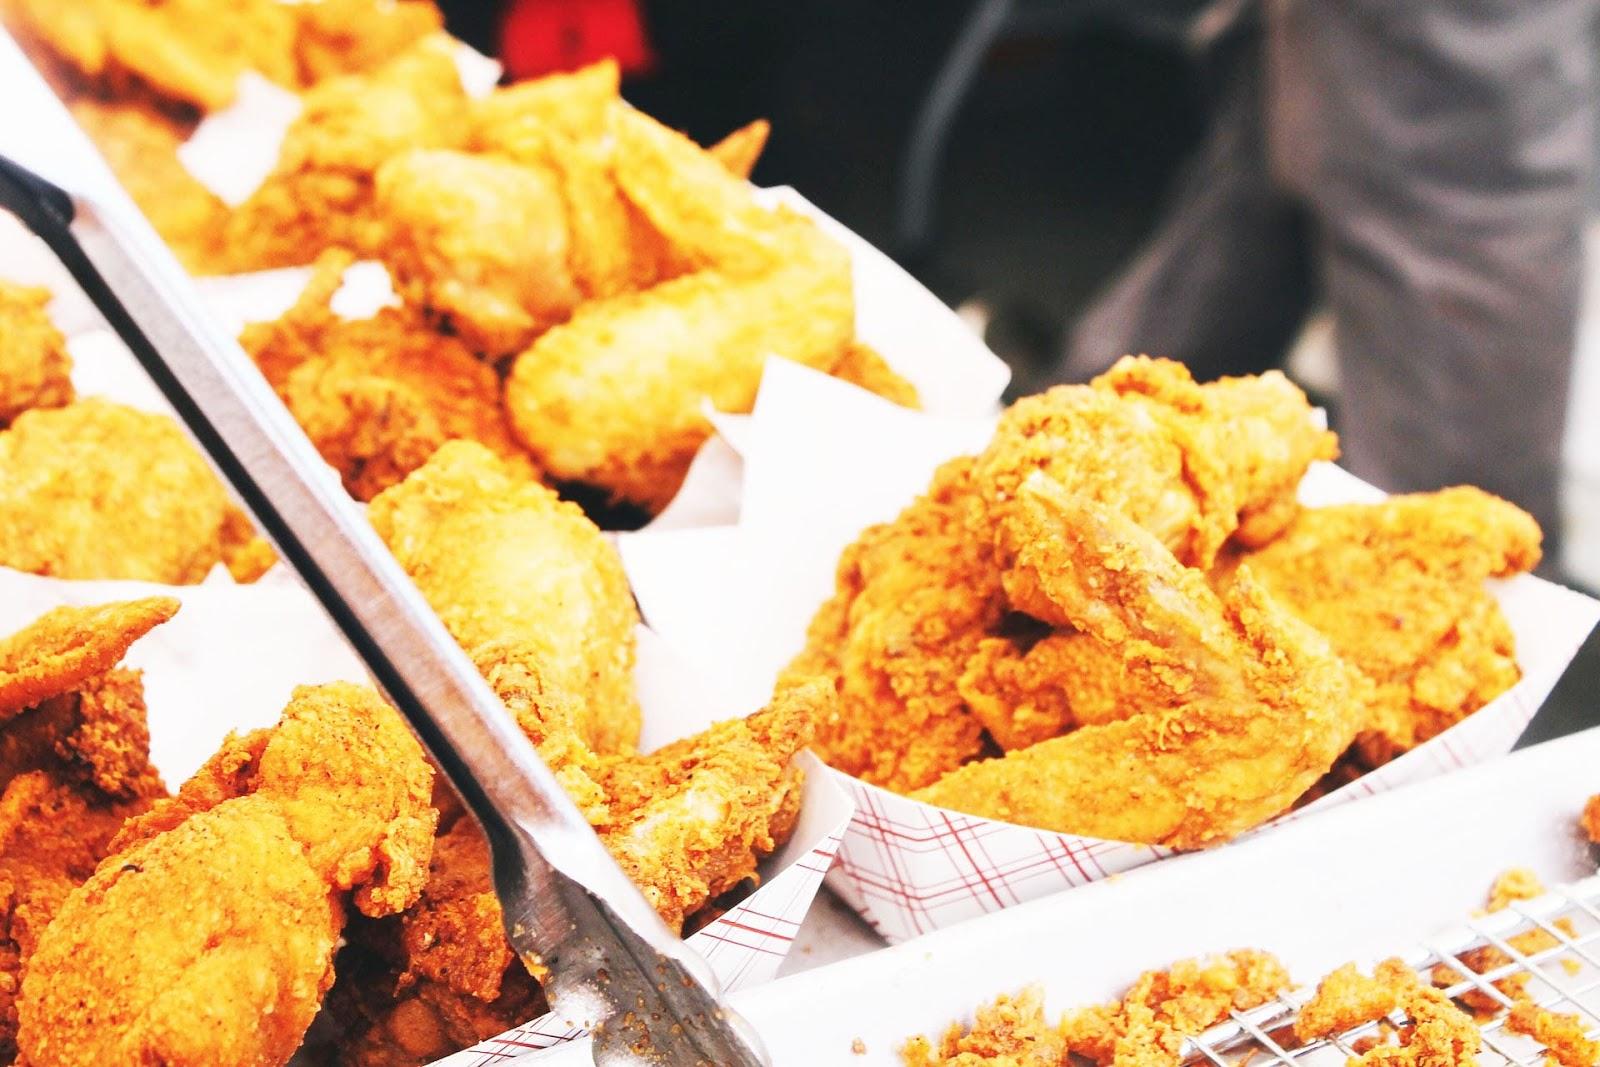 طريقة عمل دجاج كنتاكي بالخلطة الأمريكية في المنزل